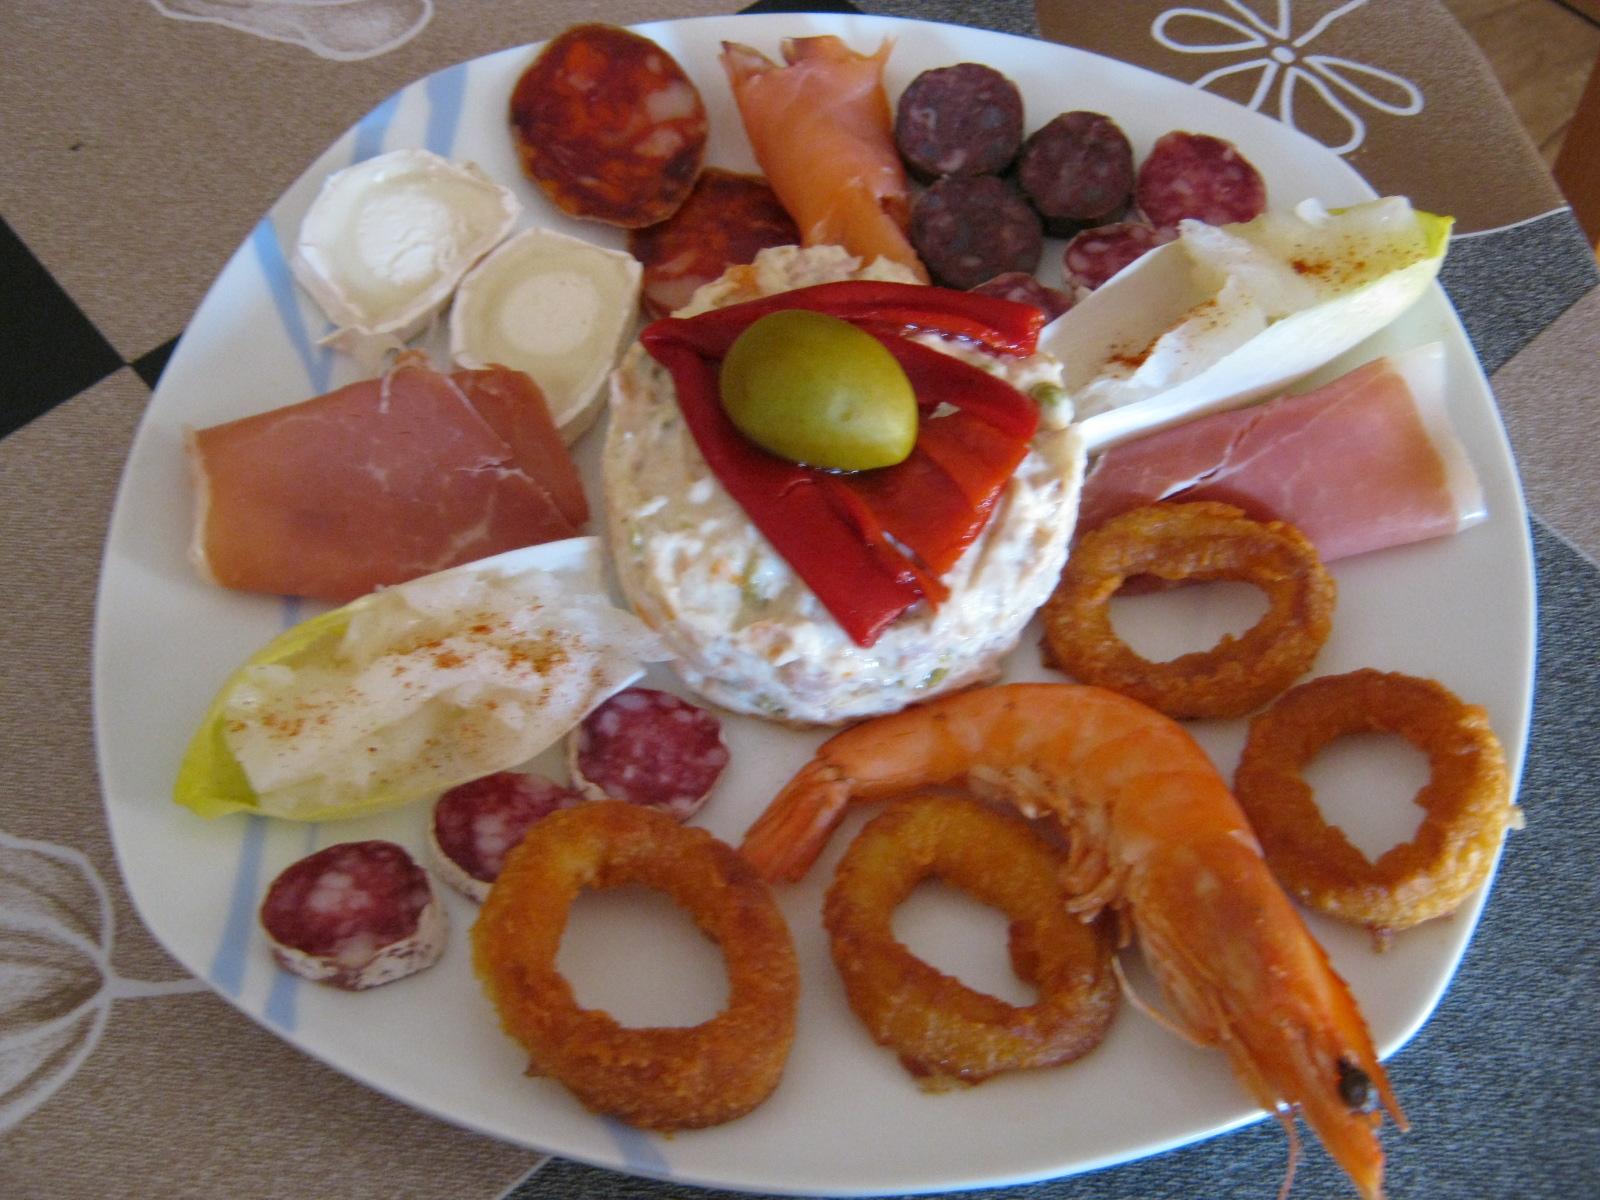 Echarse a correr elogio del entrem s frente a los for Platos para aperitivos